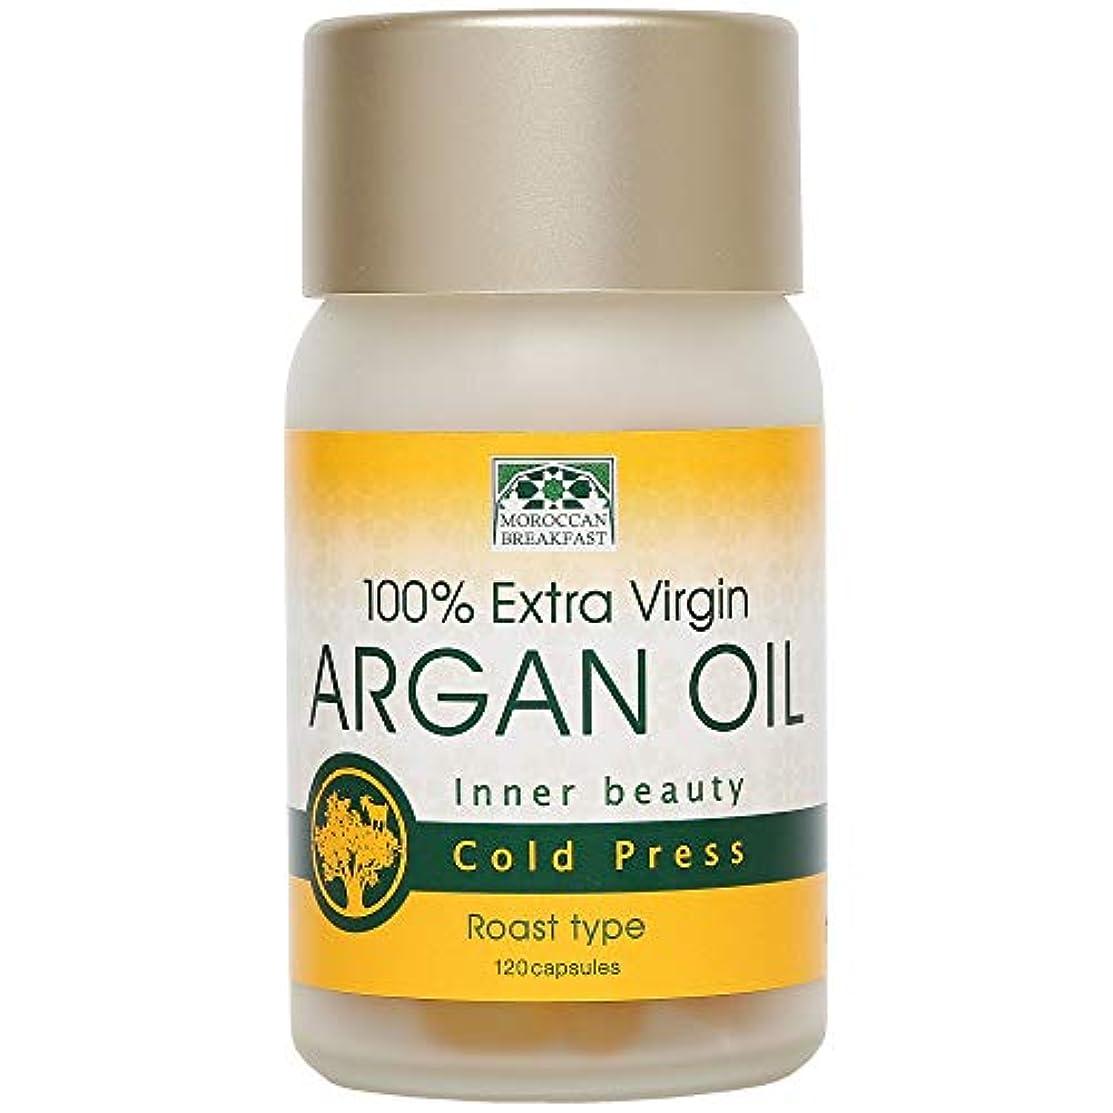 パキスタンショート増強モロッコの朝食 食べるアルガンオイル(100%一番搾りアルガンオイル使用?1日4粒で約1ヶ月分)